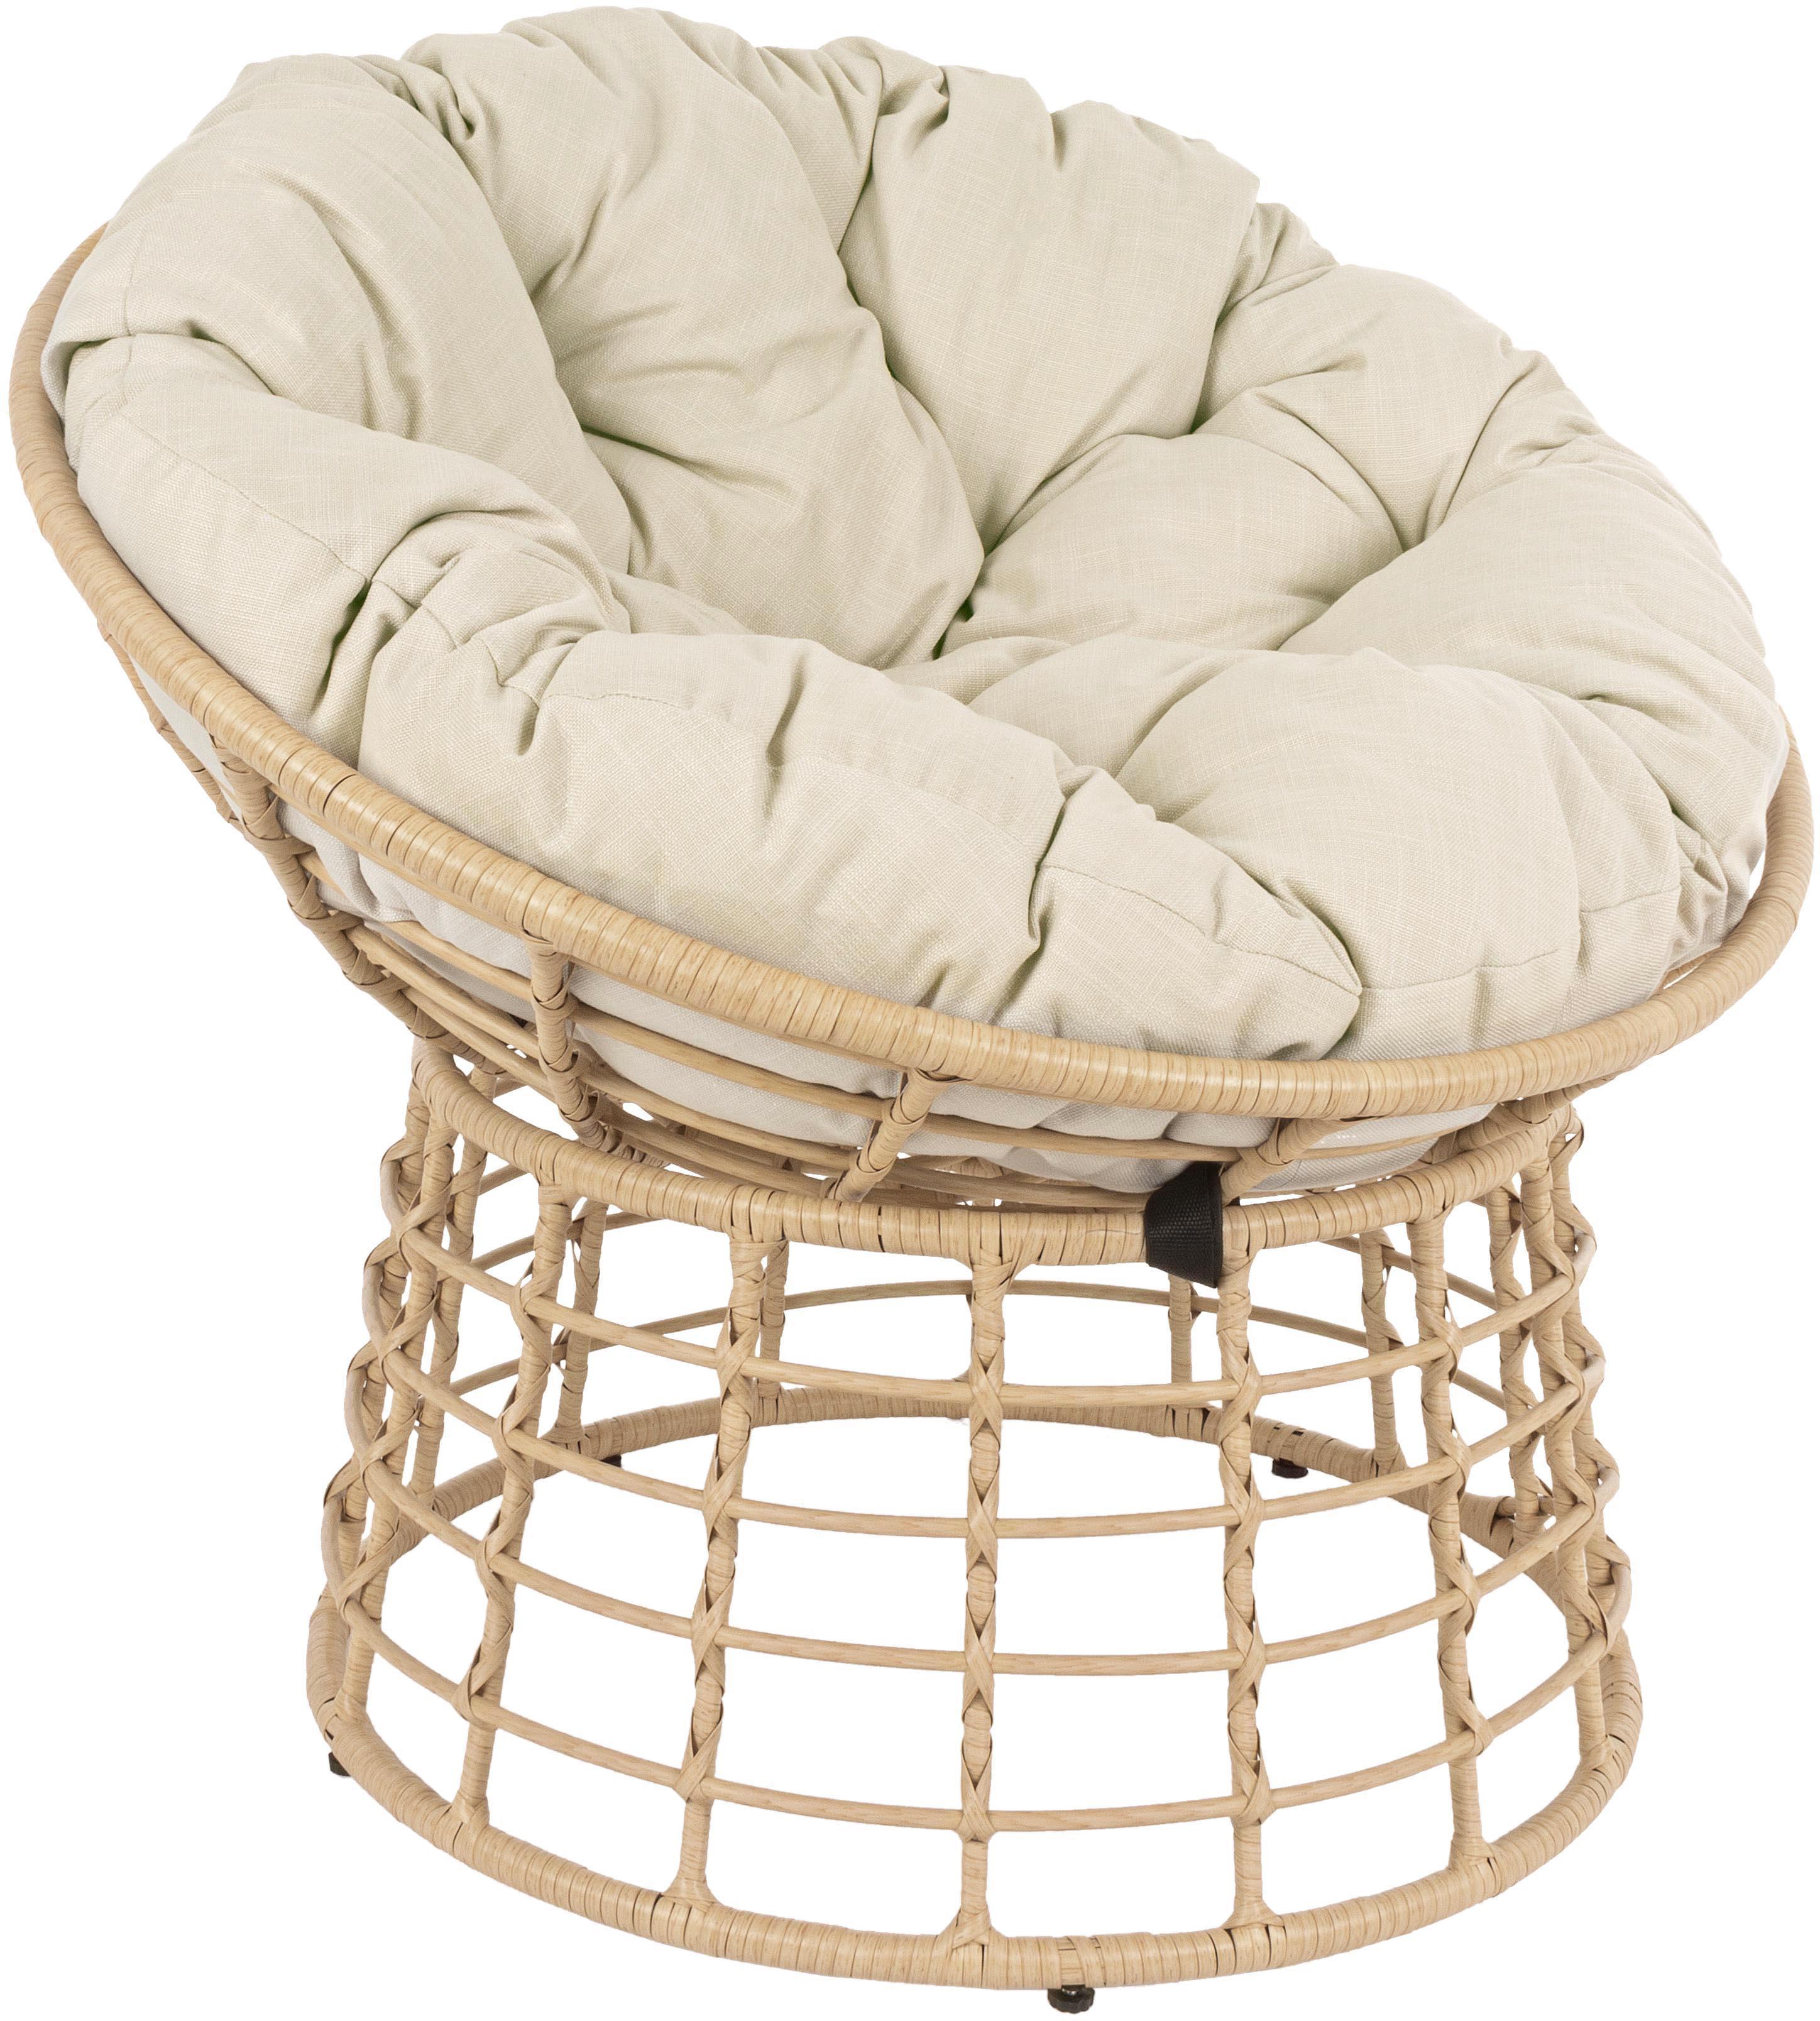 Fotel z tworzywa sztucznego z poduszką na siedzisko Molly, Stelaż: stal malowana proszkowo, Tapicerka: poliester, Jasny brązowy, beżowy, Ø 92 x W 78 cm